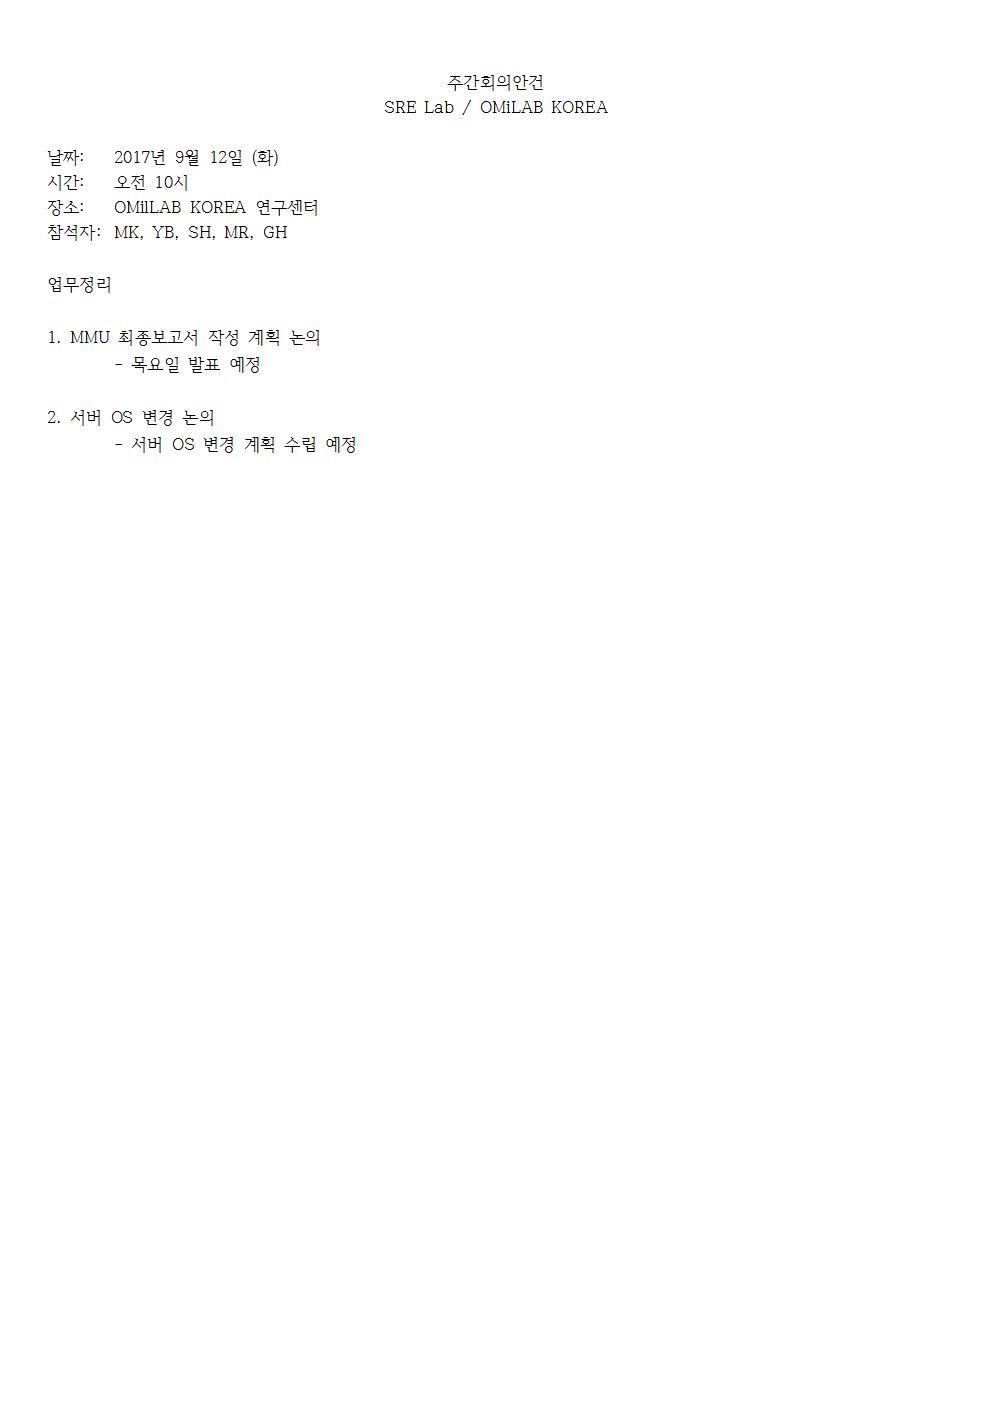 2-화-2017-09-12-PLAN(SH)001.jpg